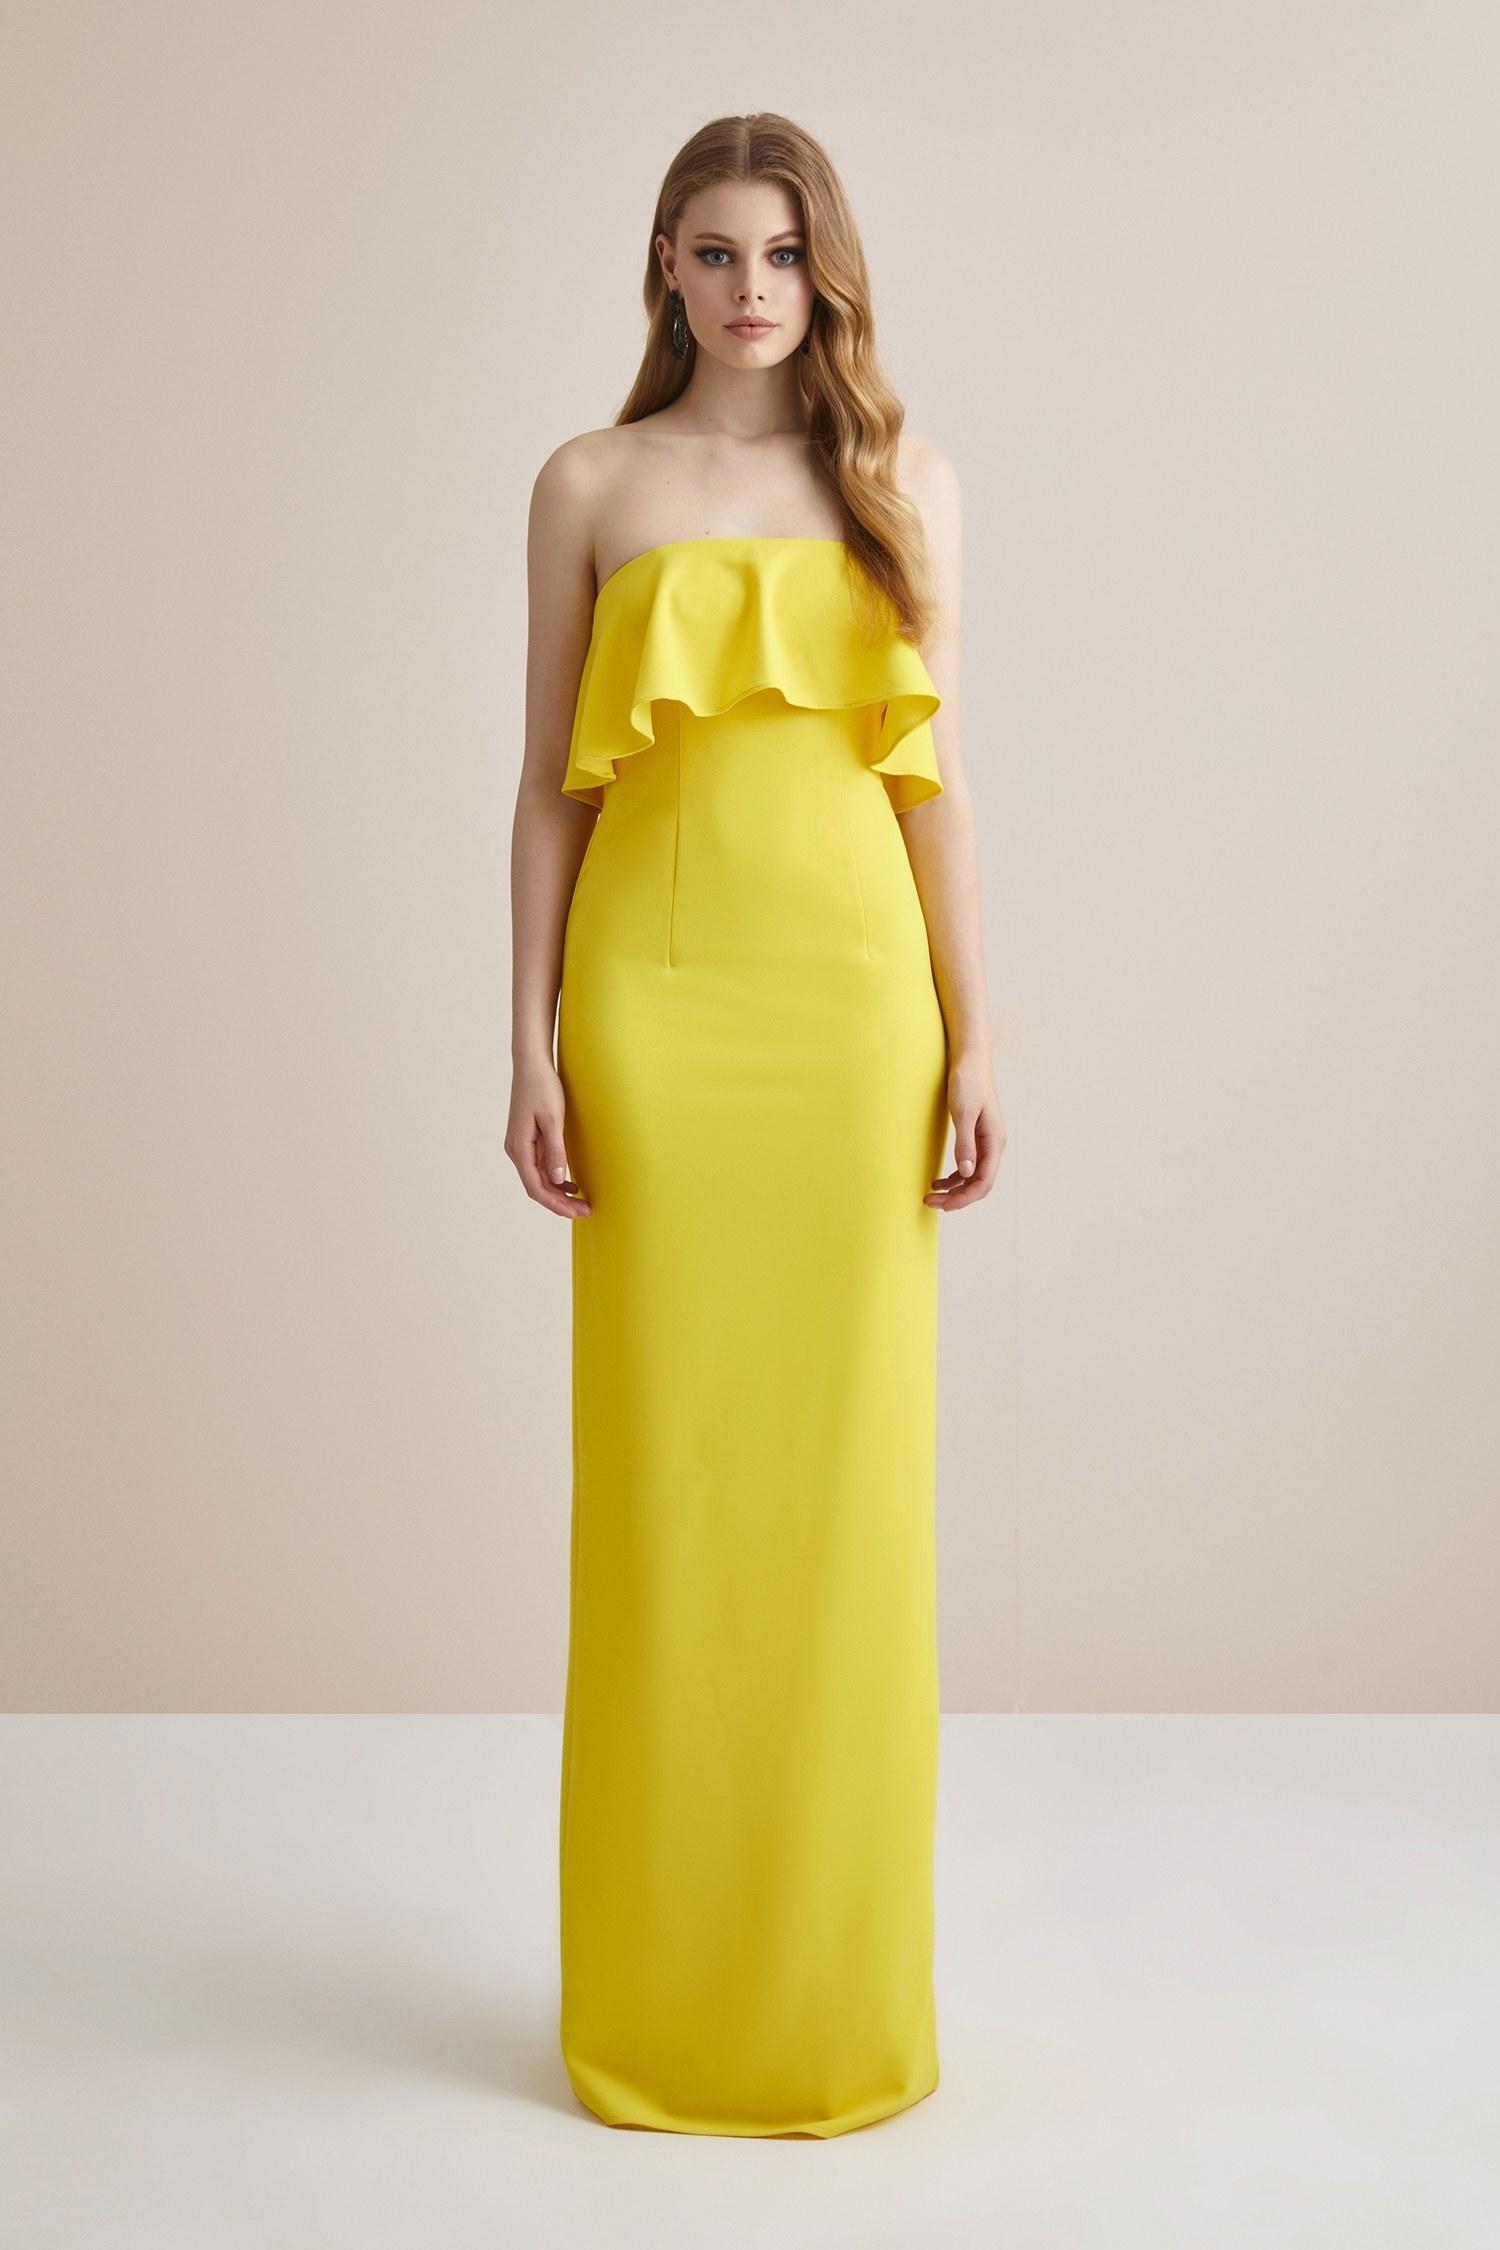 Sarı Straplez Yırtmaçlı Krep Uzun Abiye Elbise - Thumbnail